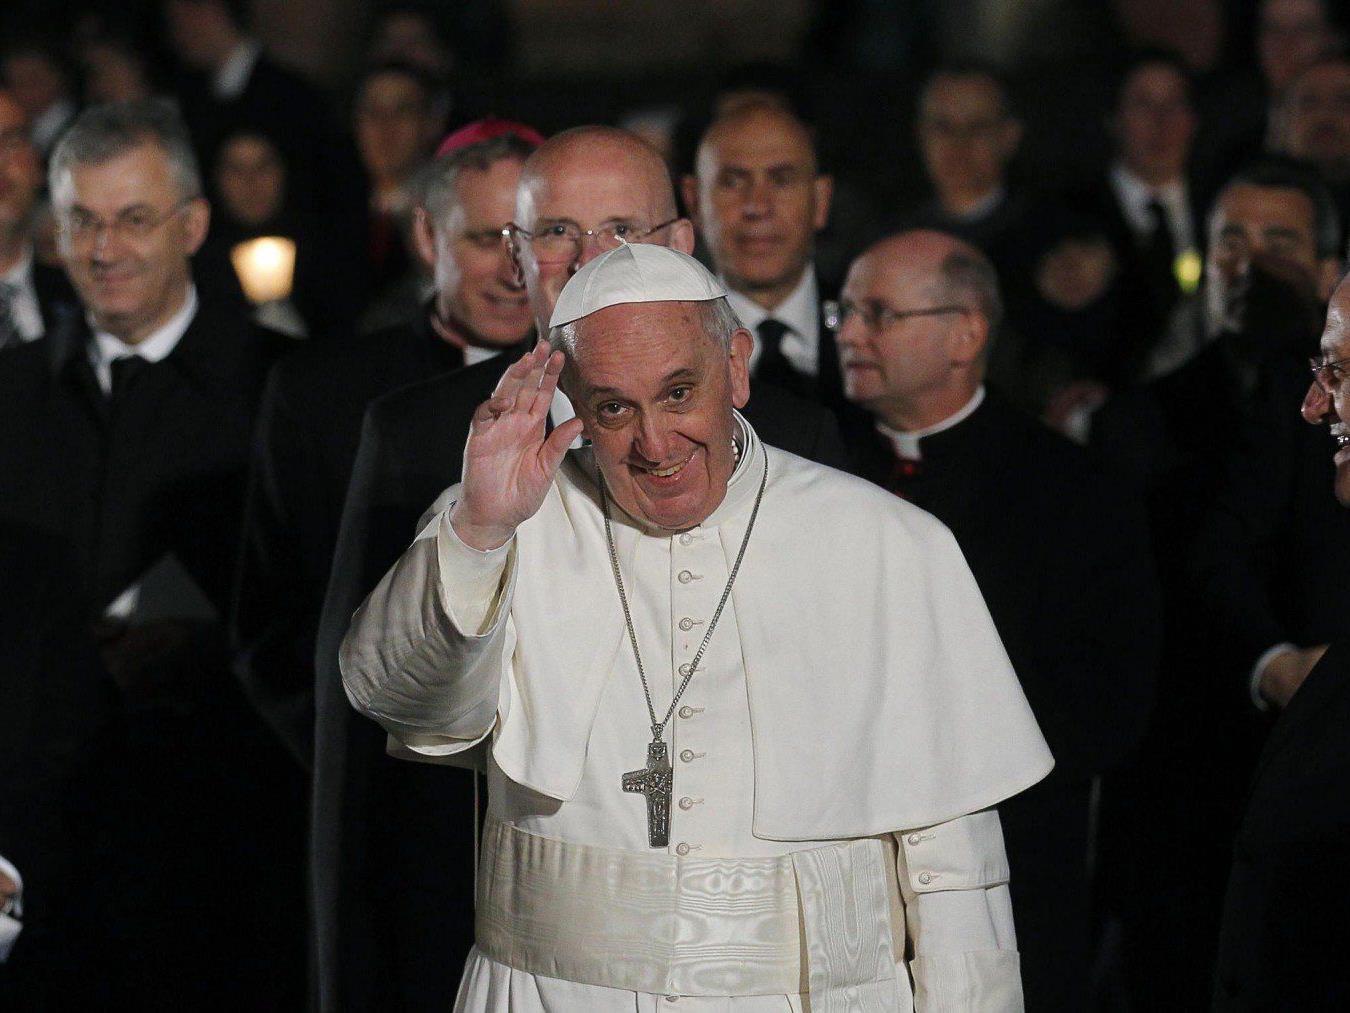 Fußwaschung: Unverständnis bei Traditionalisten für Vorgehen des Papstes.